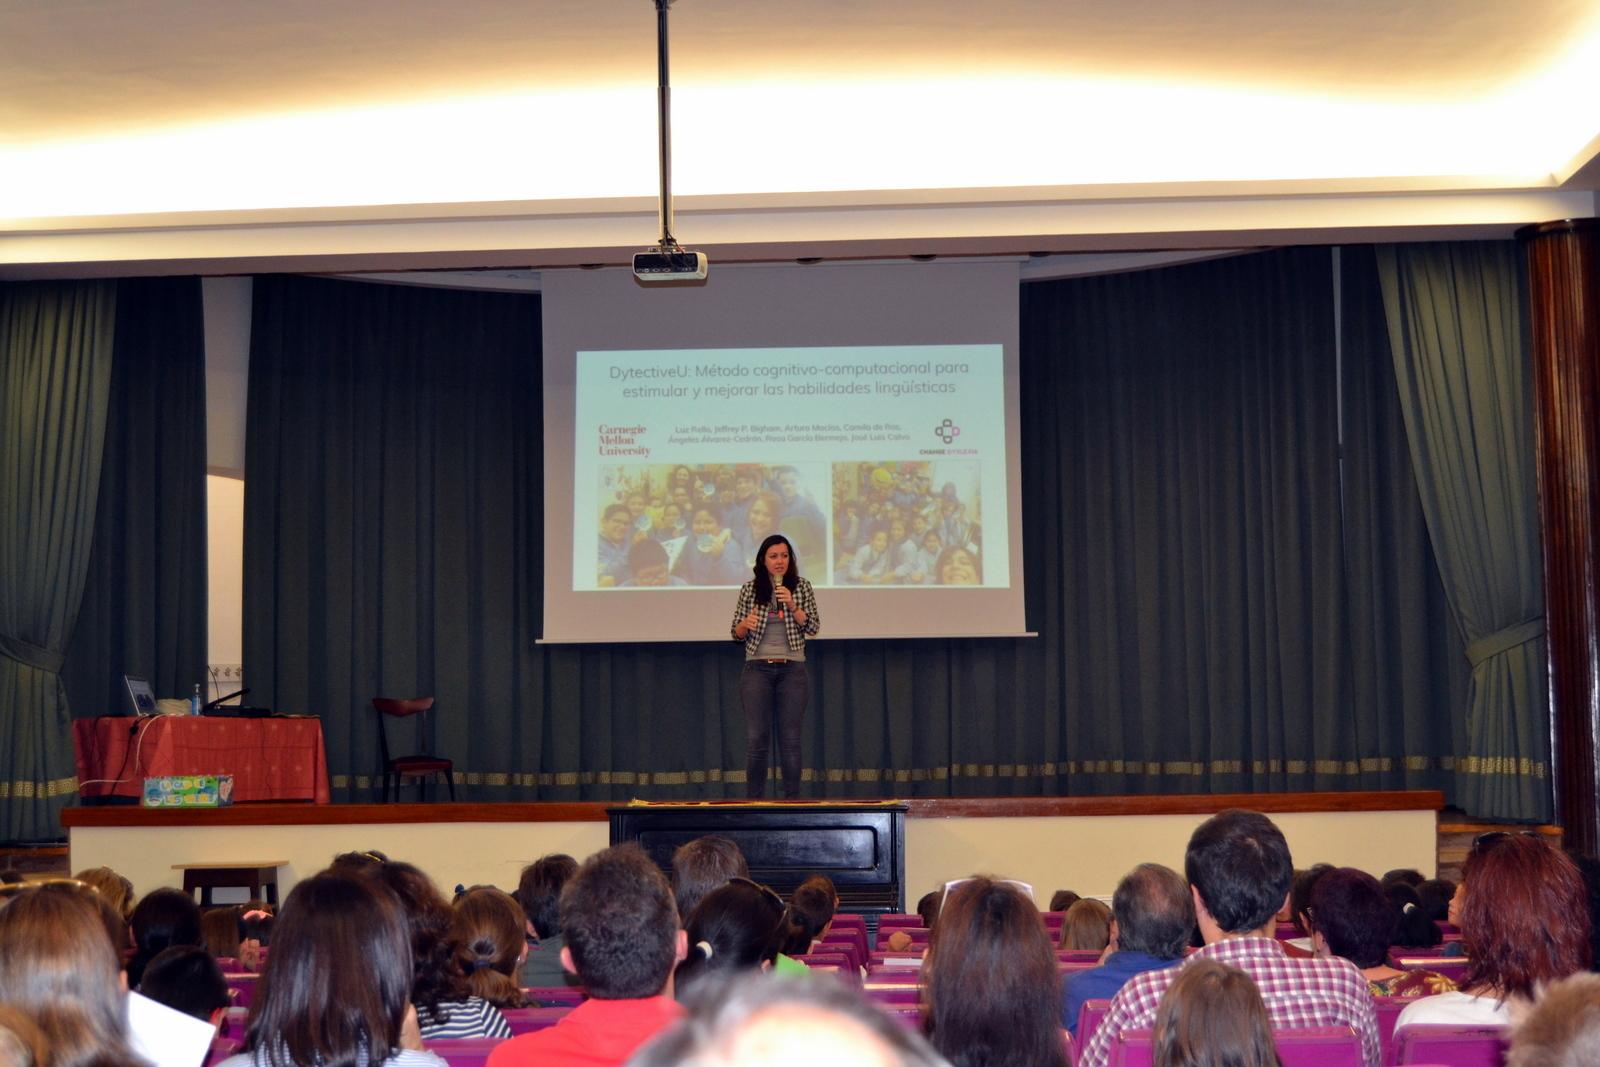 Visita de Luz Tello (DytectiveU) 36